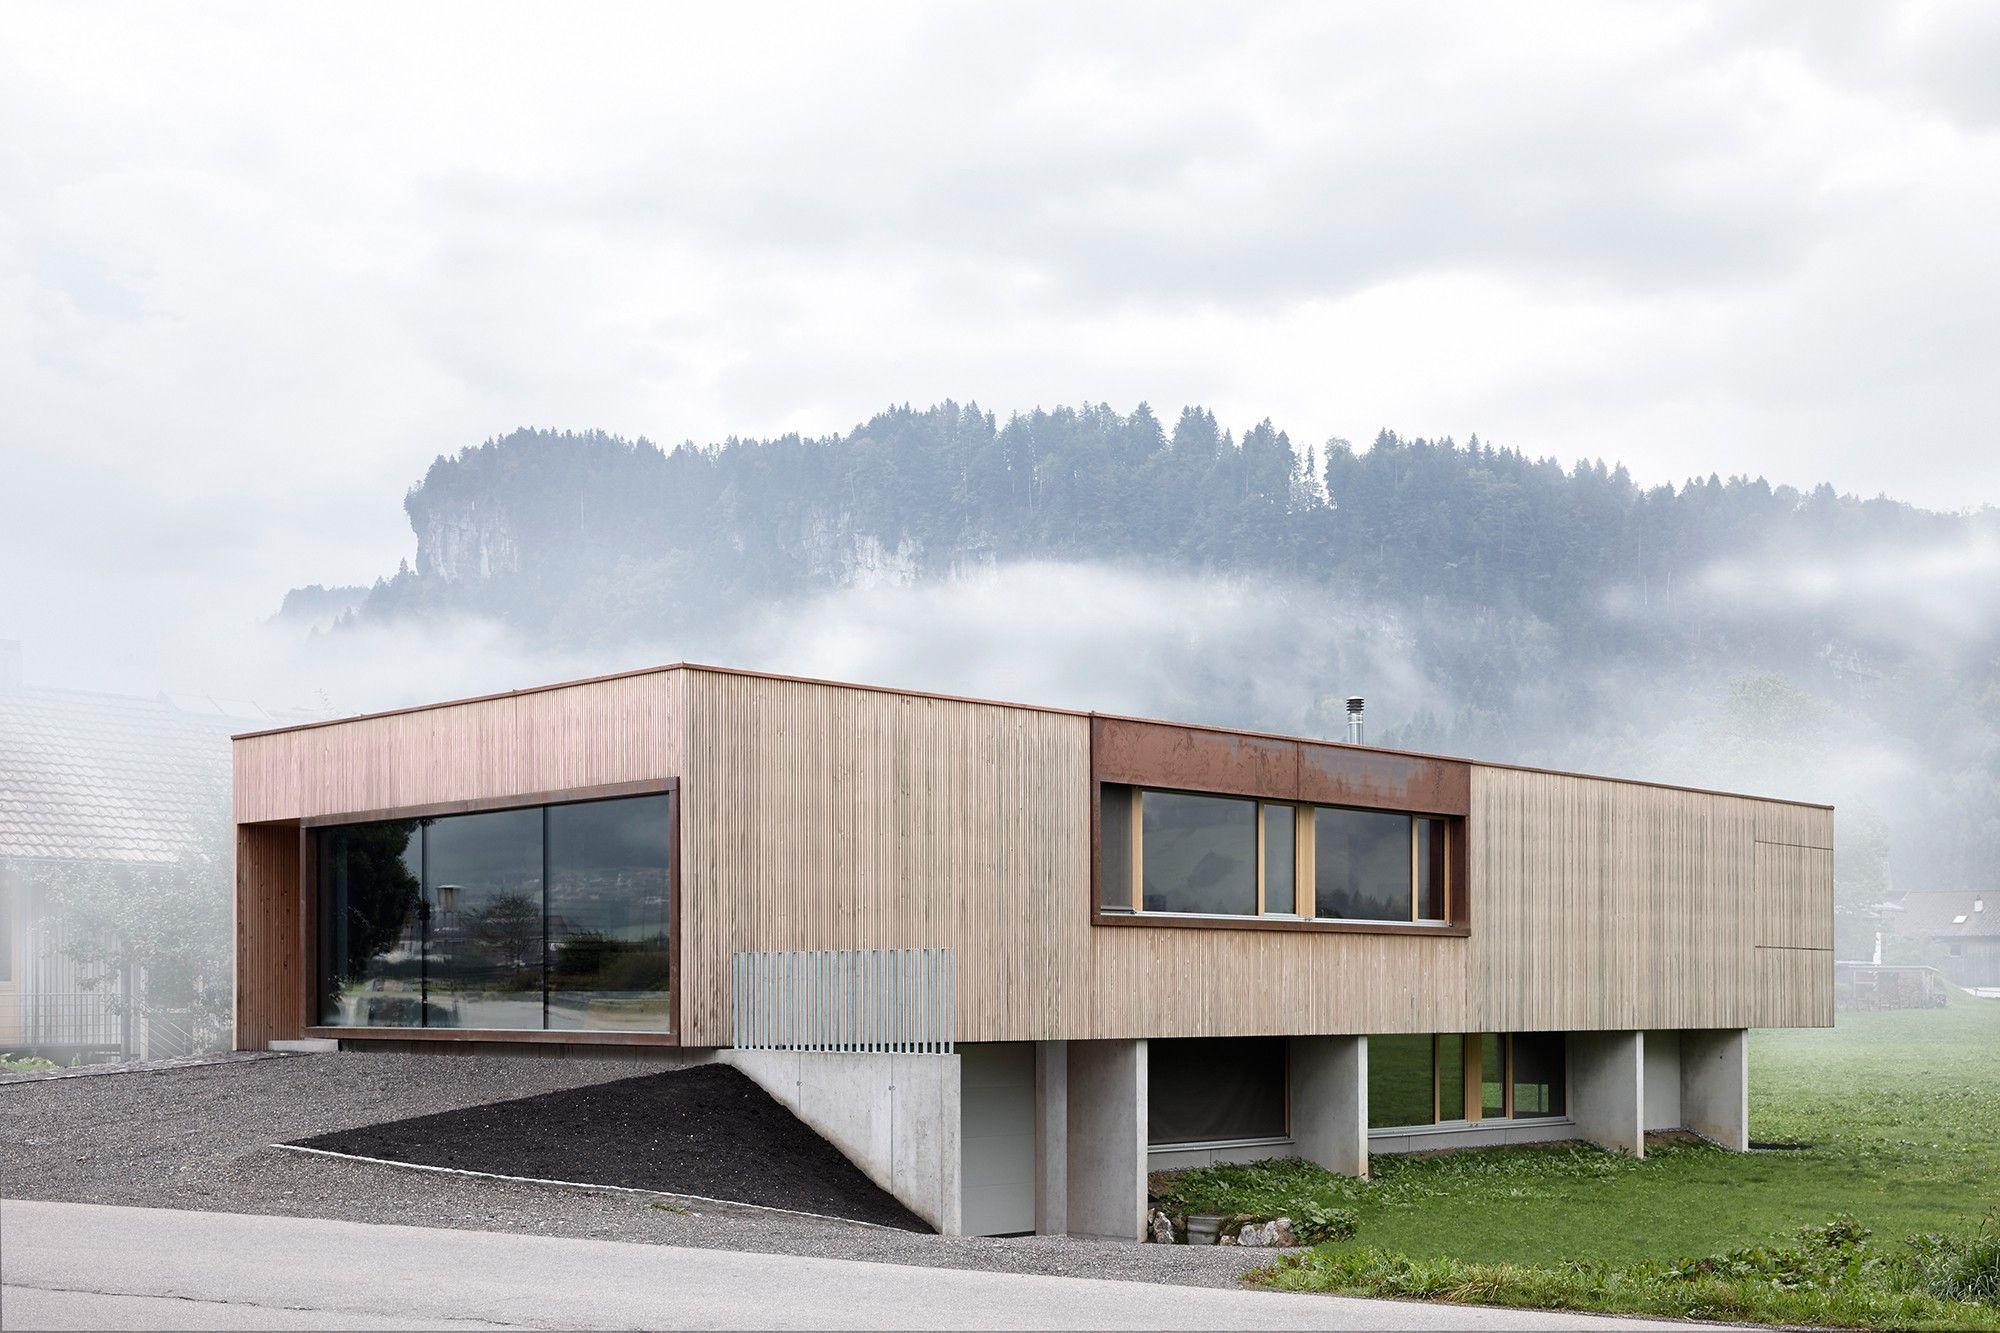 Haus mit Schauraum - Wohnhybrid in Vorarlberg | 2 | Pinterest | Haus ...